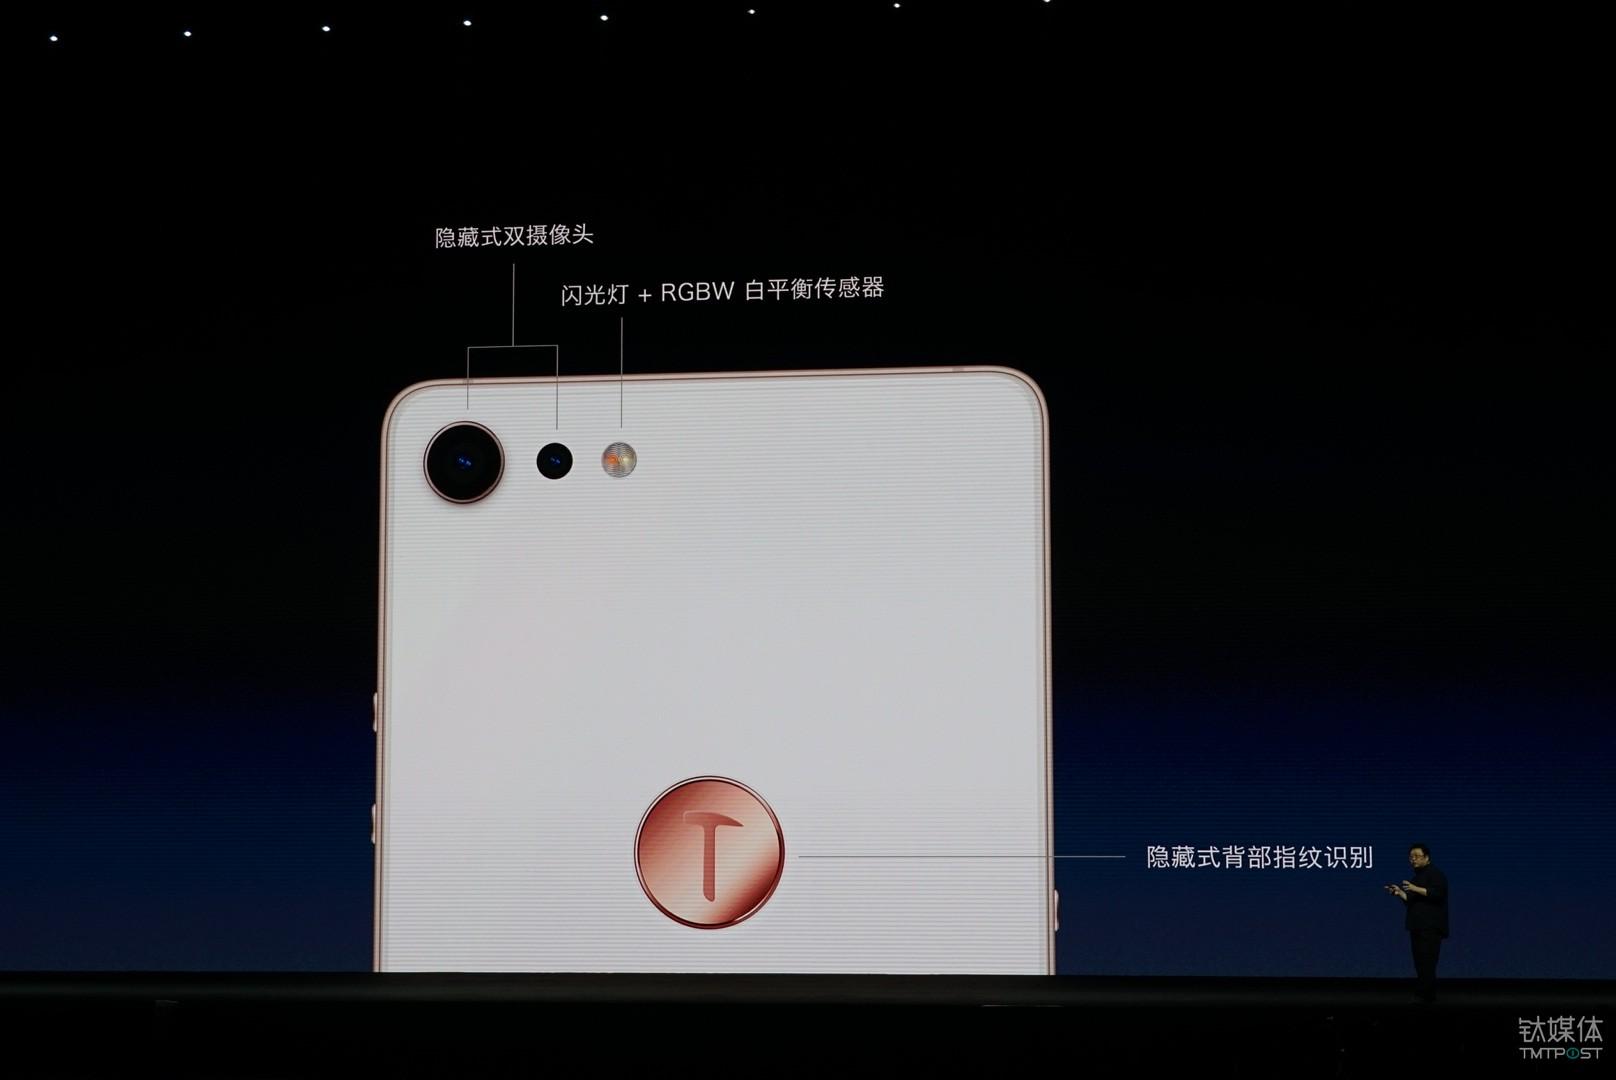 坚果Pro 2在保留背部指纹识别的同时,新增了在体验上类似iPhone X的人脸识别解锁方式,采用Face++AI解锁算法,可识别用户面部的1024个特征维度,并进行高精度智能匹配,亮屏后只需要看一眼手机就能快速解锁,钛媒体记者实测后发现,尽管没有配备苹果的3D摄像头,但坚果Pro 2的这套方案精准度也是很高的。